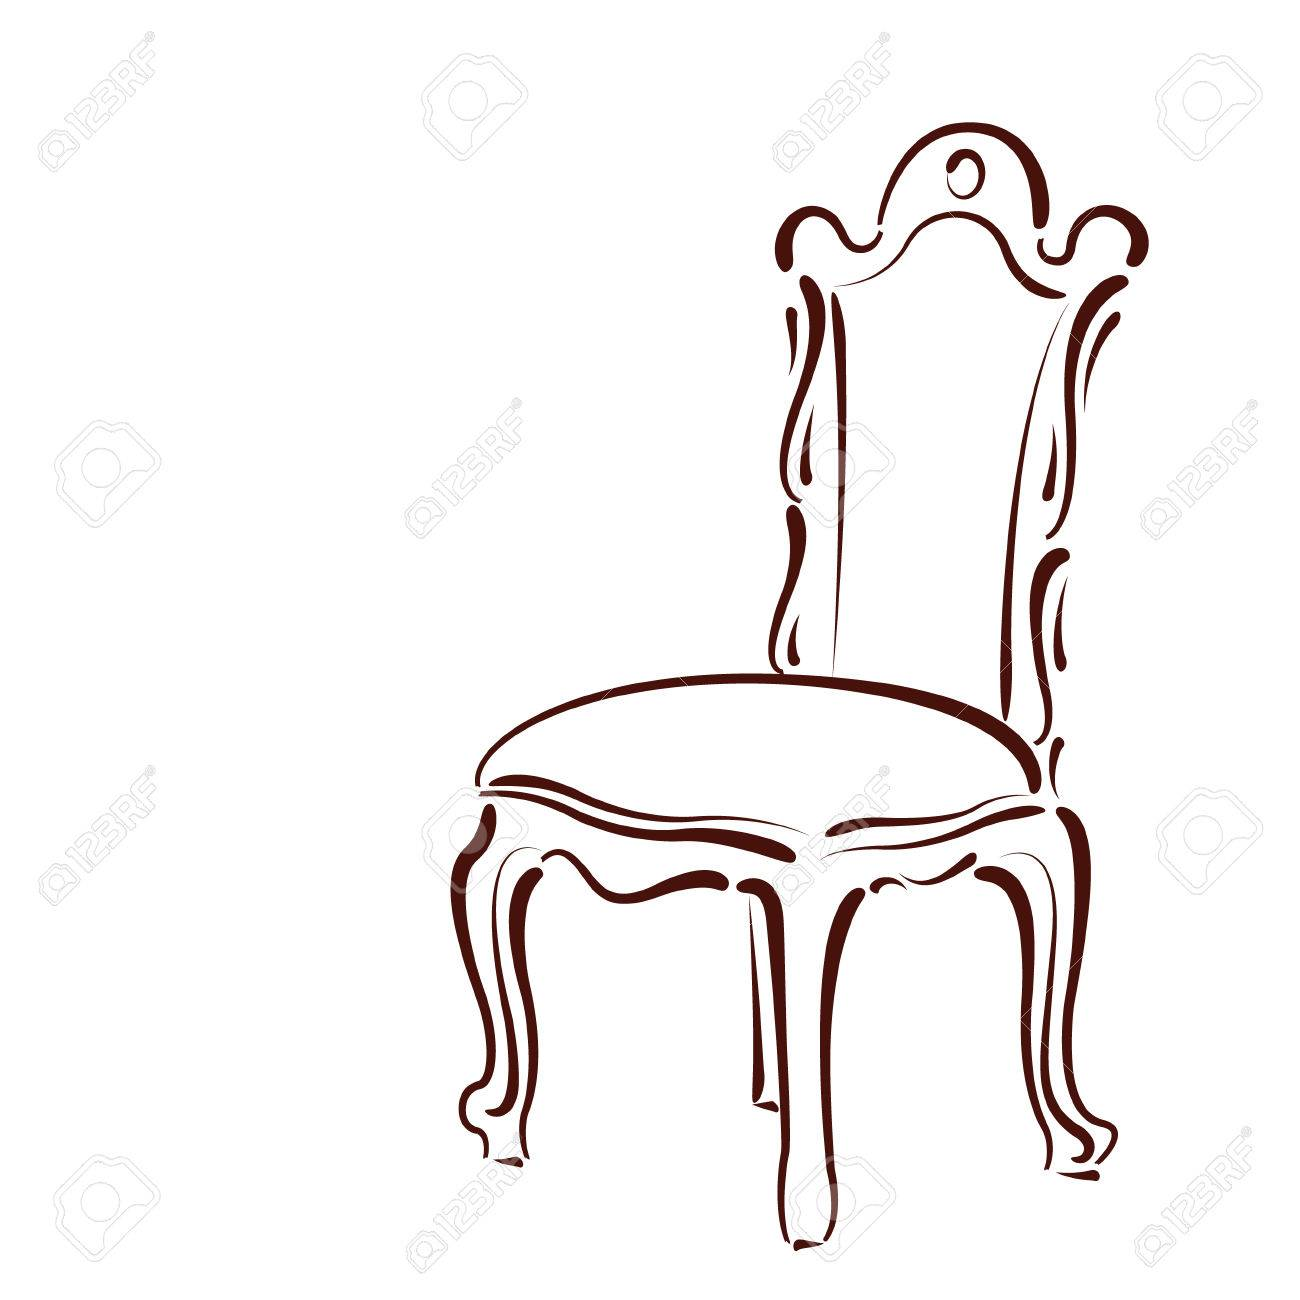 Silla Esbozado Elegante Aislado Sobre Fondo Blanco. Plantilla De ...